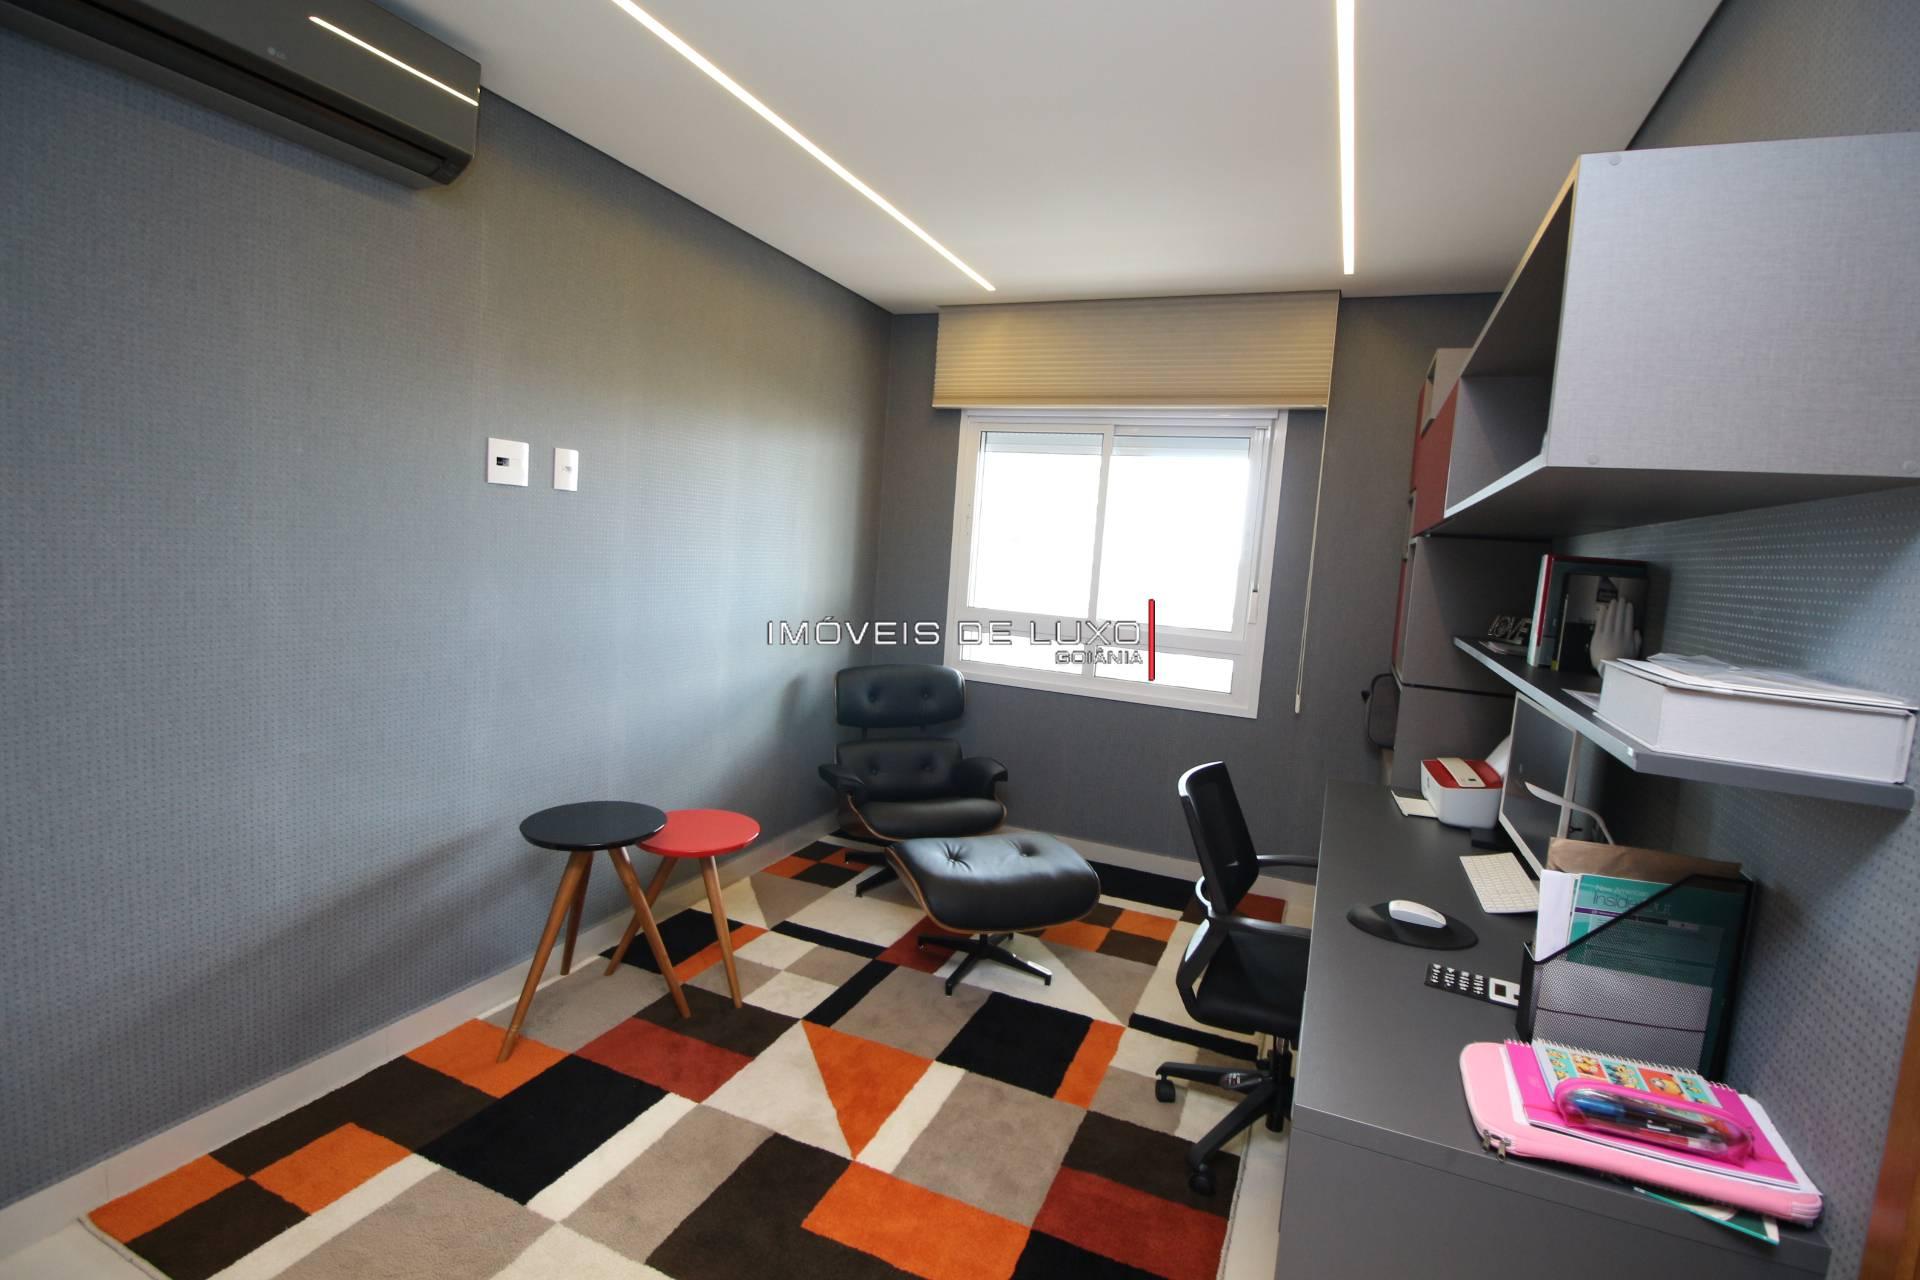 Imóveis de Luxo - Duplex único na praça da T 23